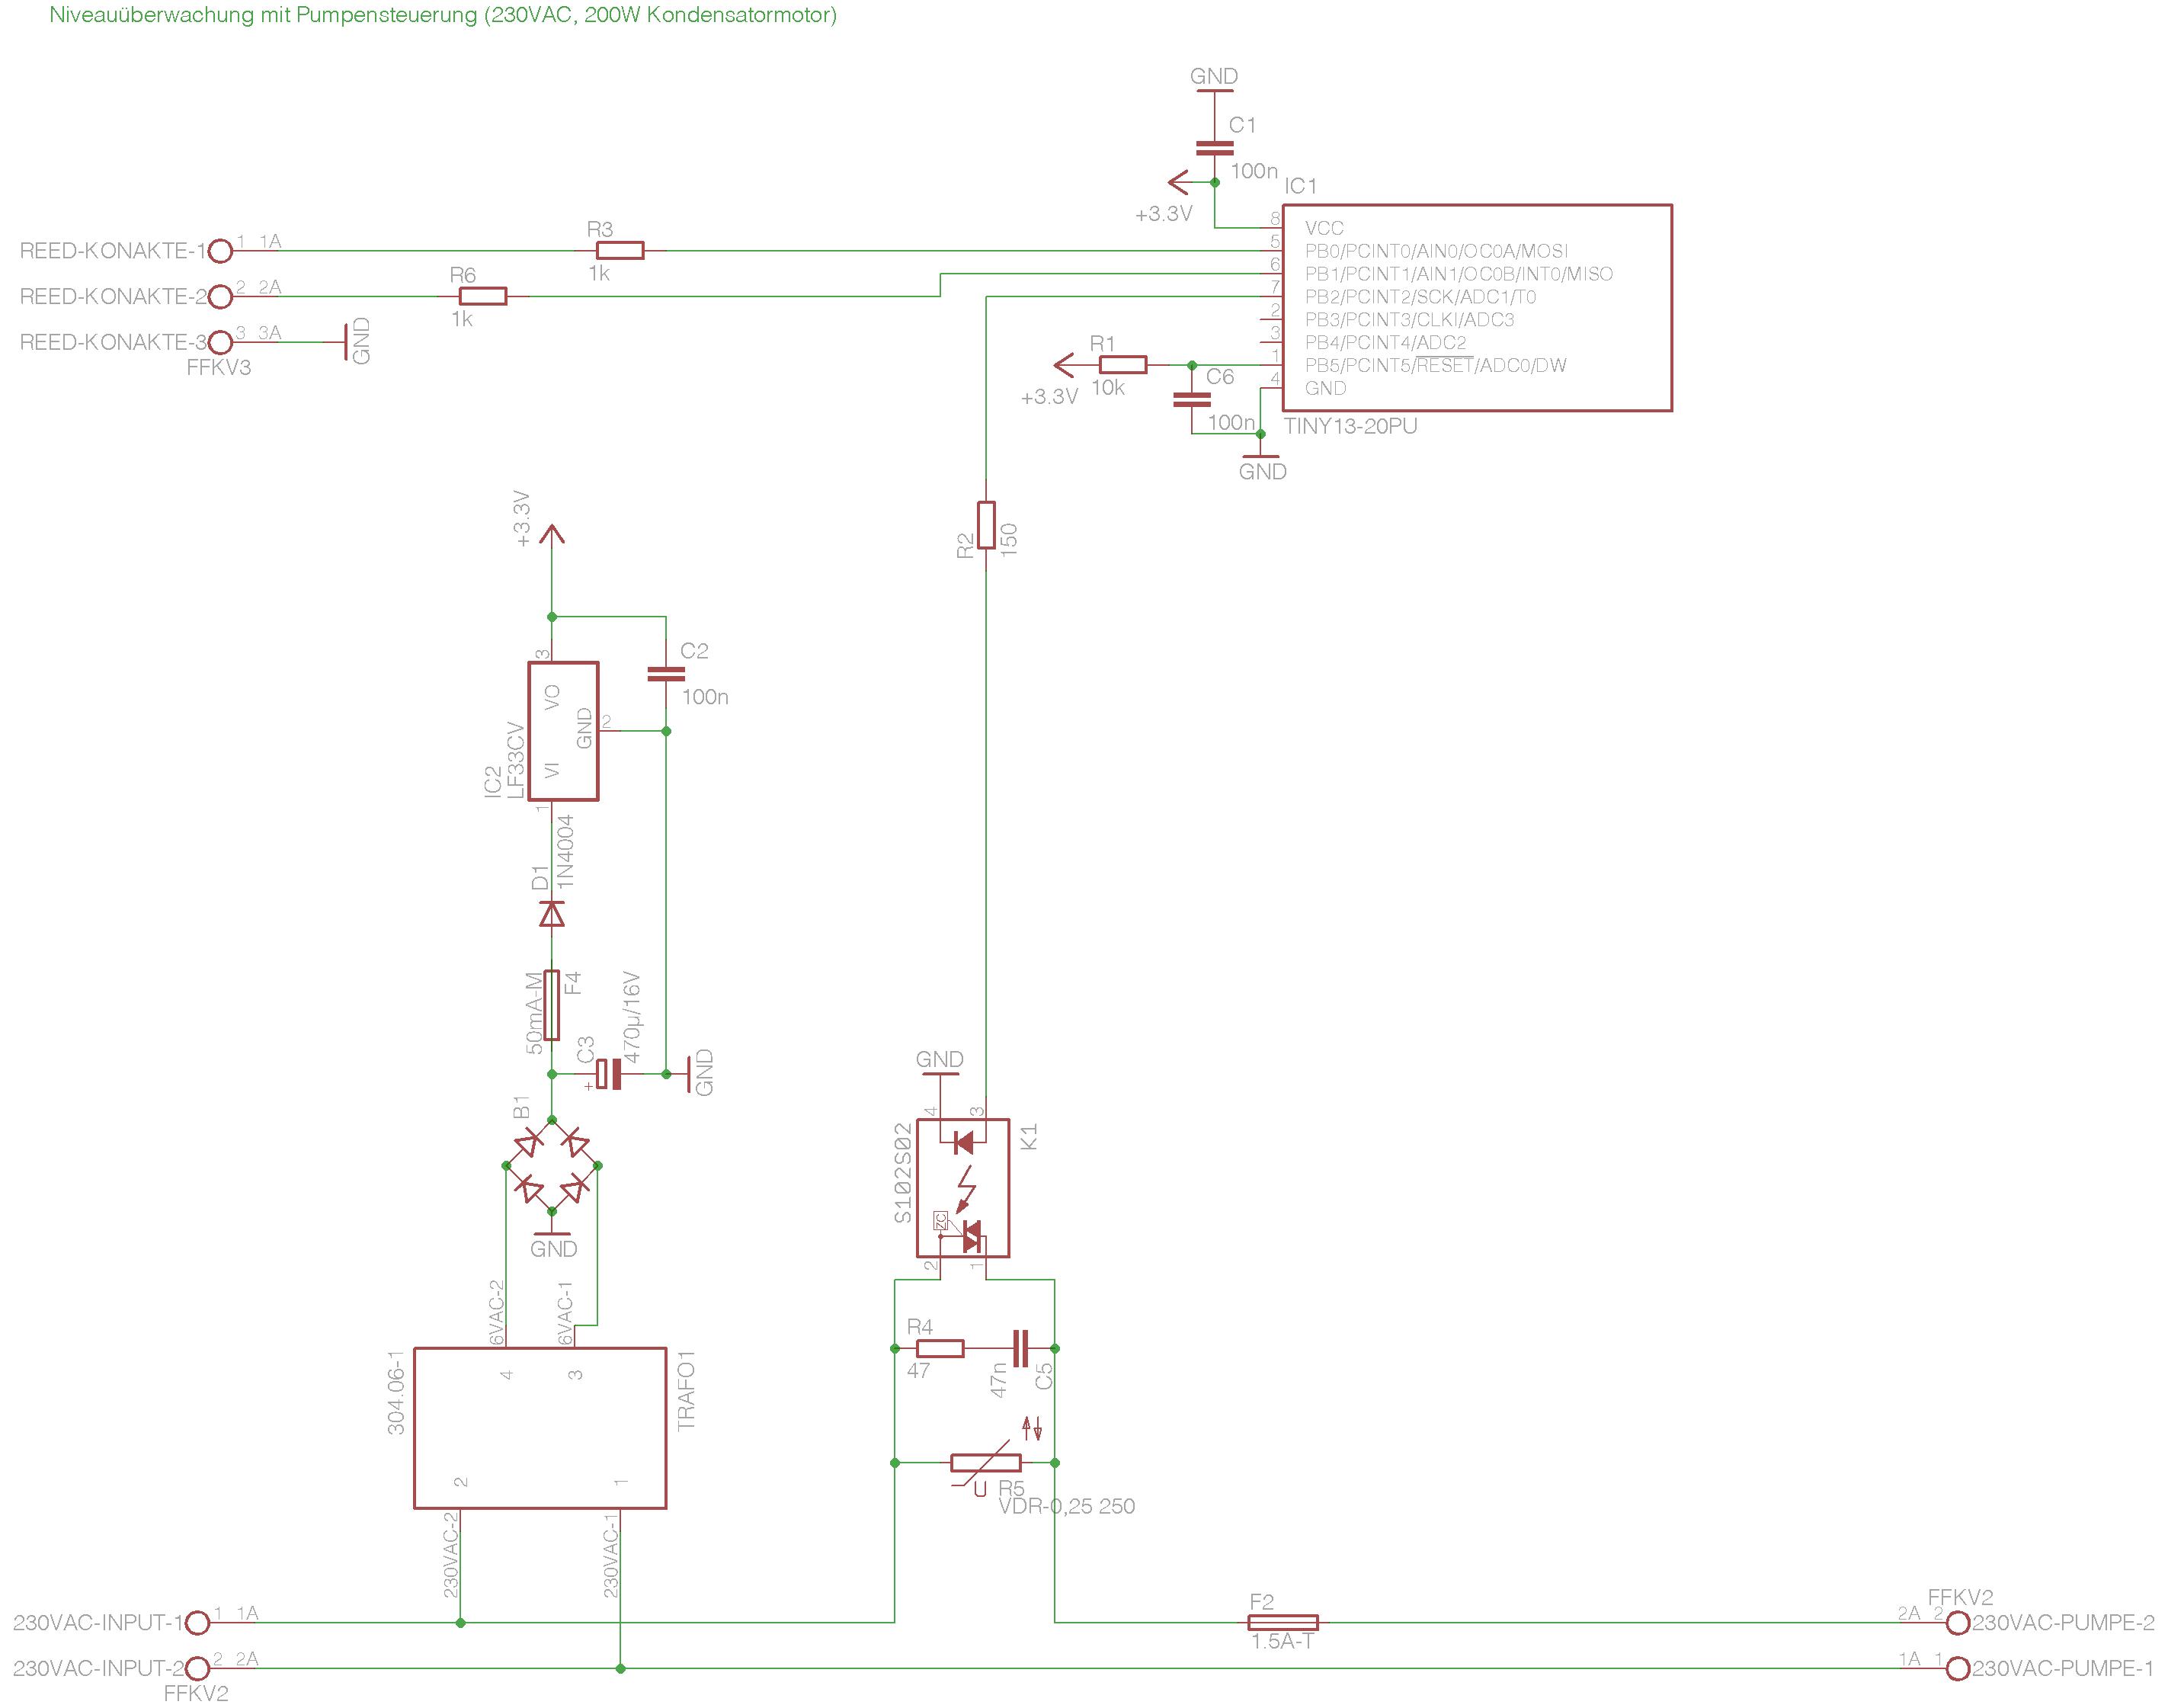 Niveauüberwachung mit Pumpensteuerung - Mikrocontroller.net